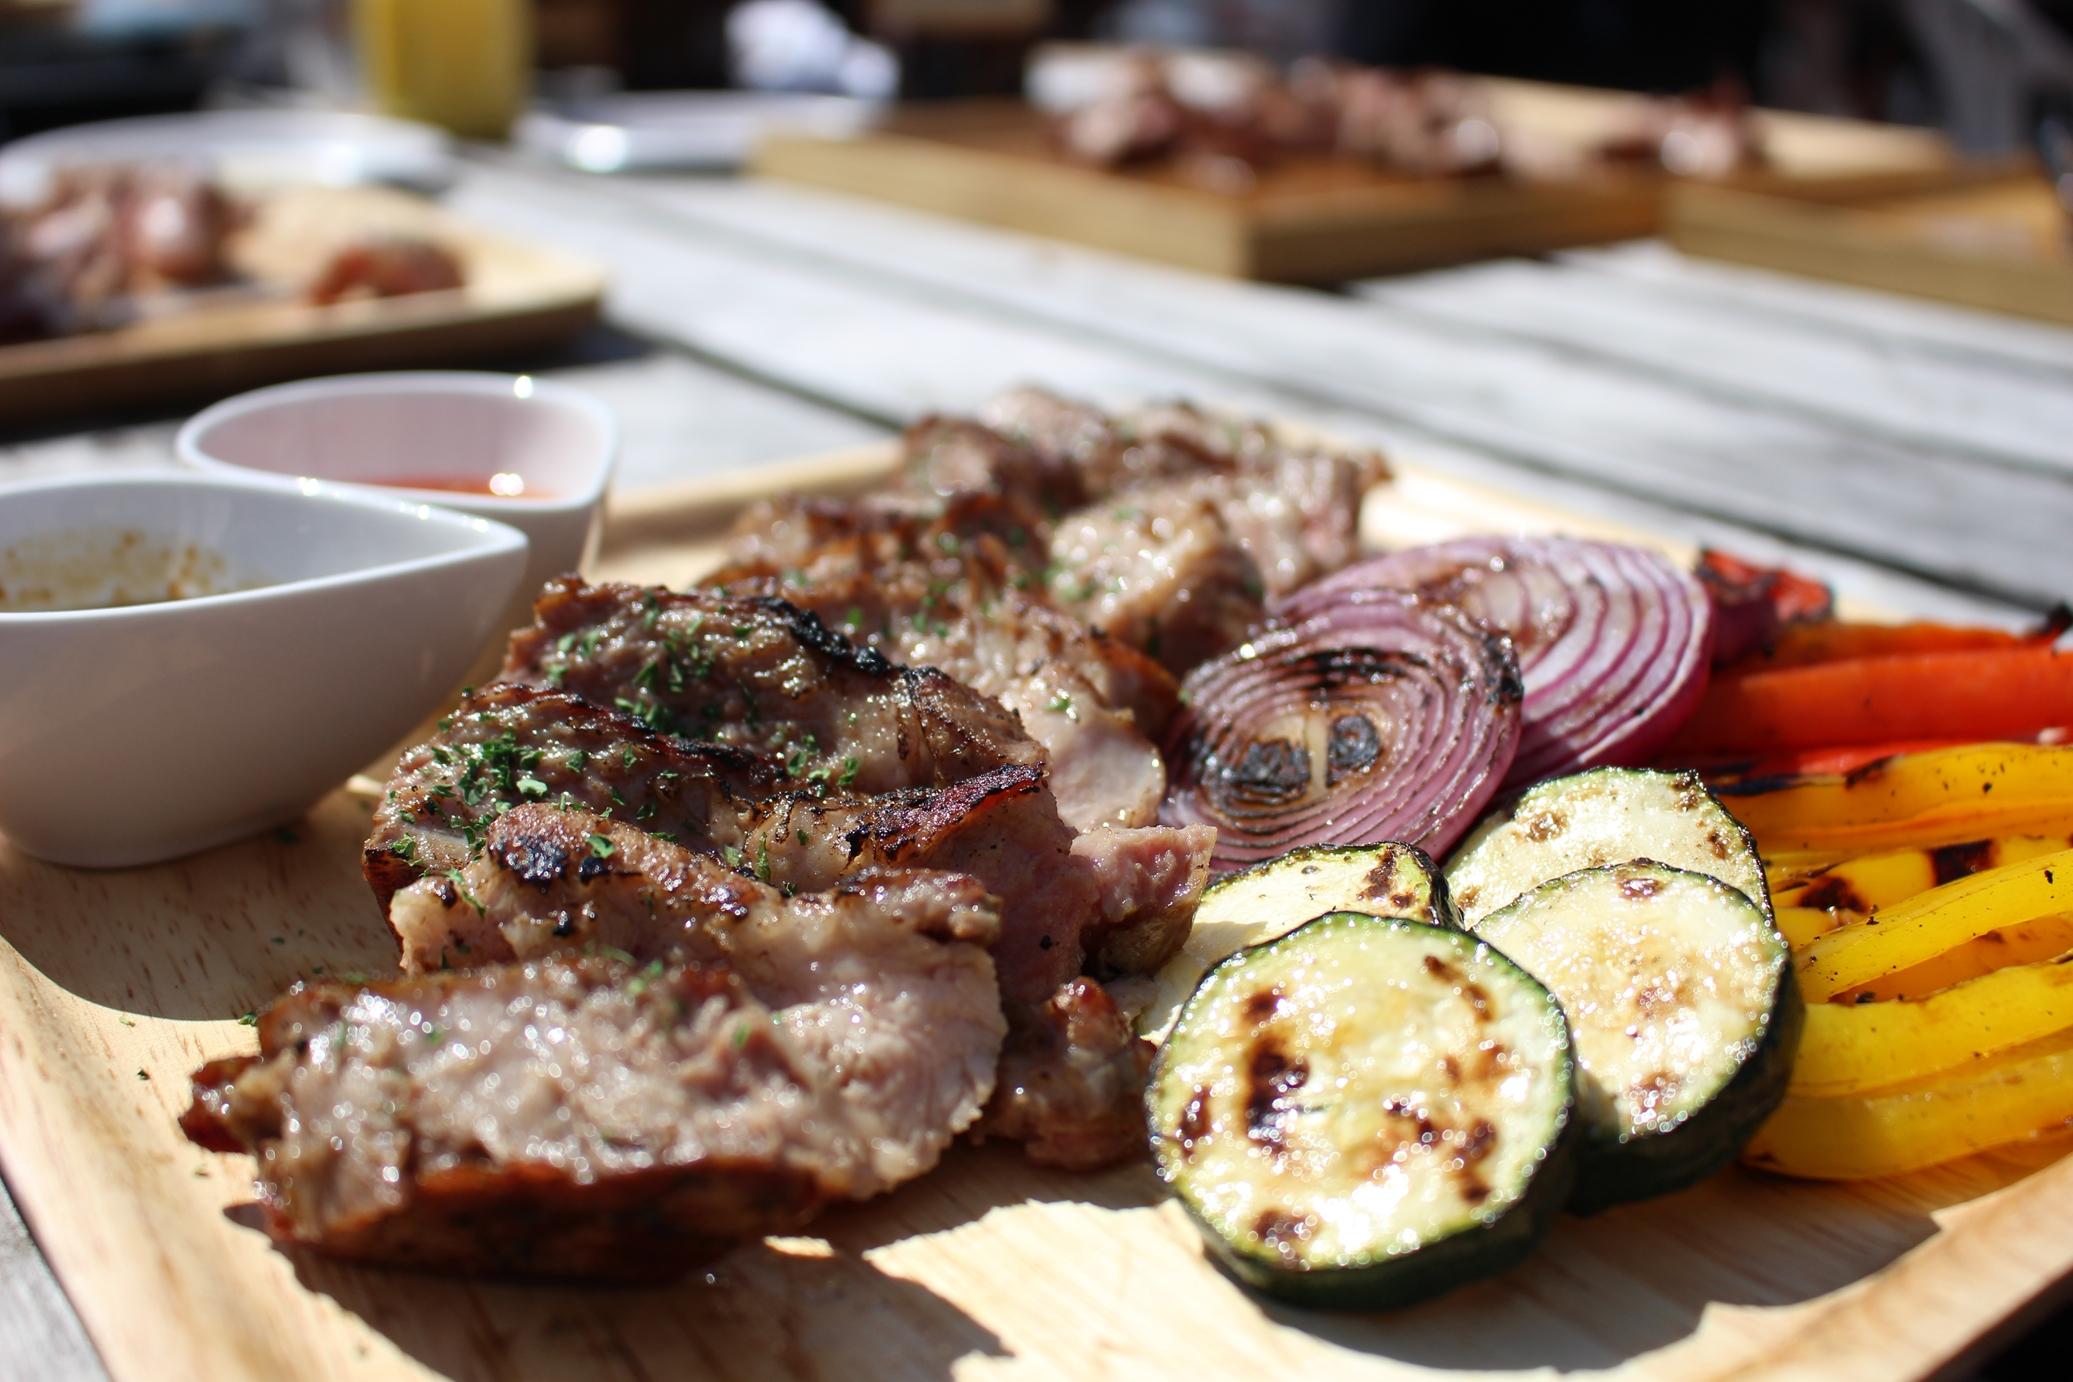 木皿に盛り付けられたBBQのお肉とズッキーニやパプリカ